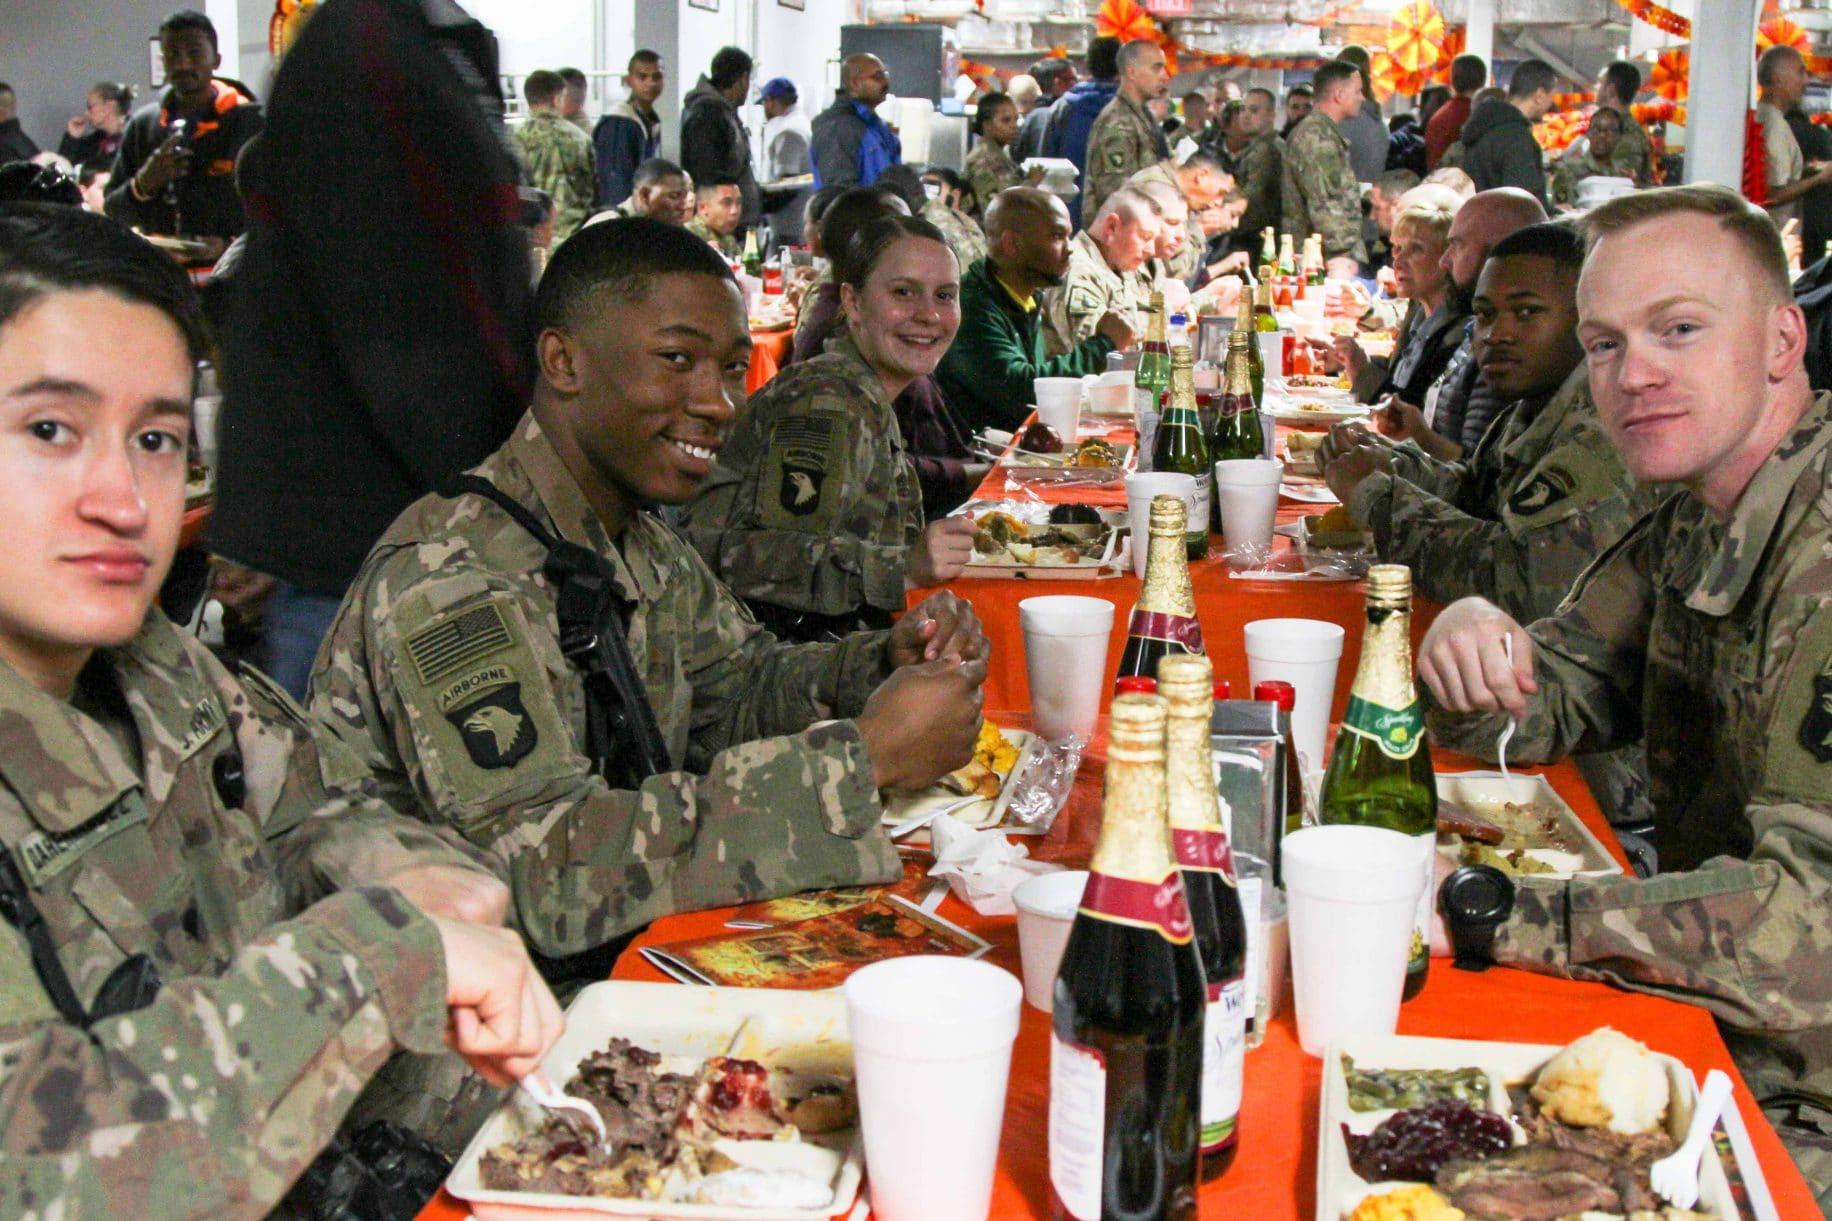 Tradisi Thanksgiving Feed-the-Troops berlanjut meskipun COVID-19 - 9.000 kalkun disajikan dan banyak lagi